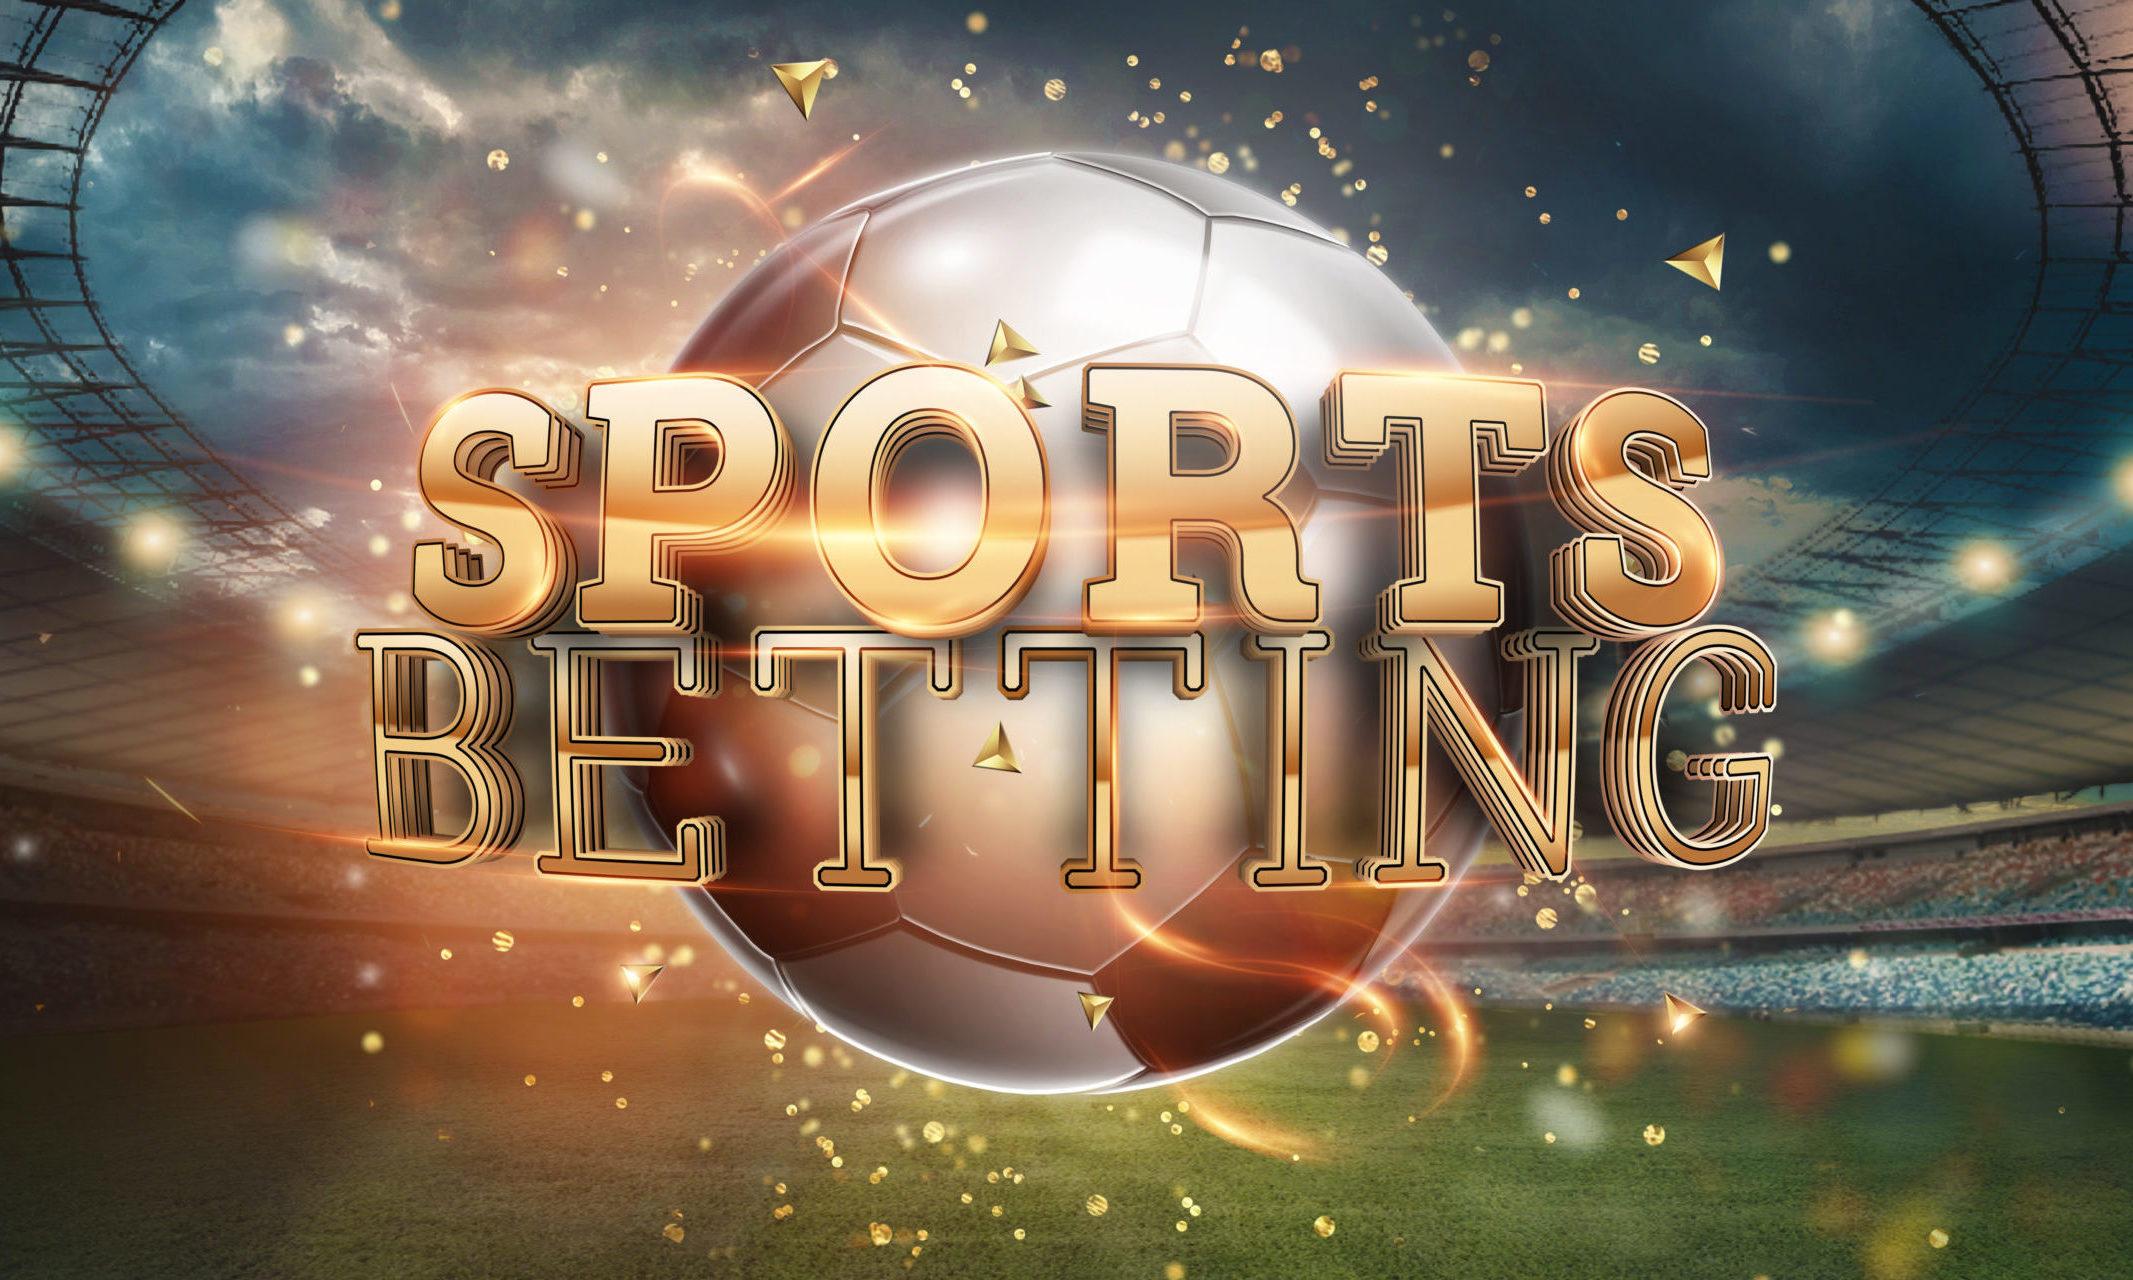 Mit Sport Bettng Geld verdienen online